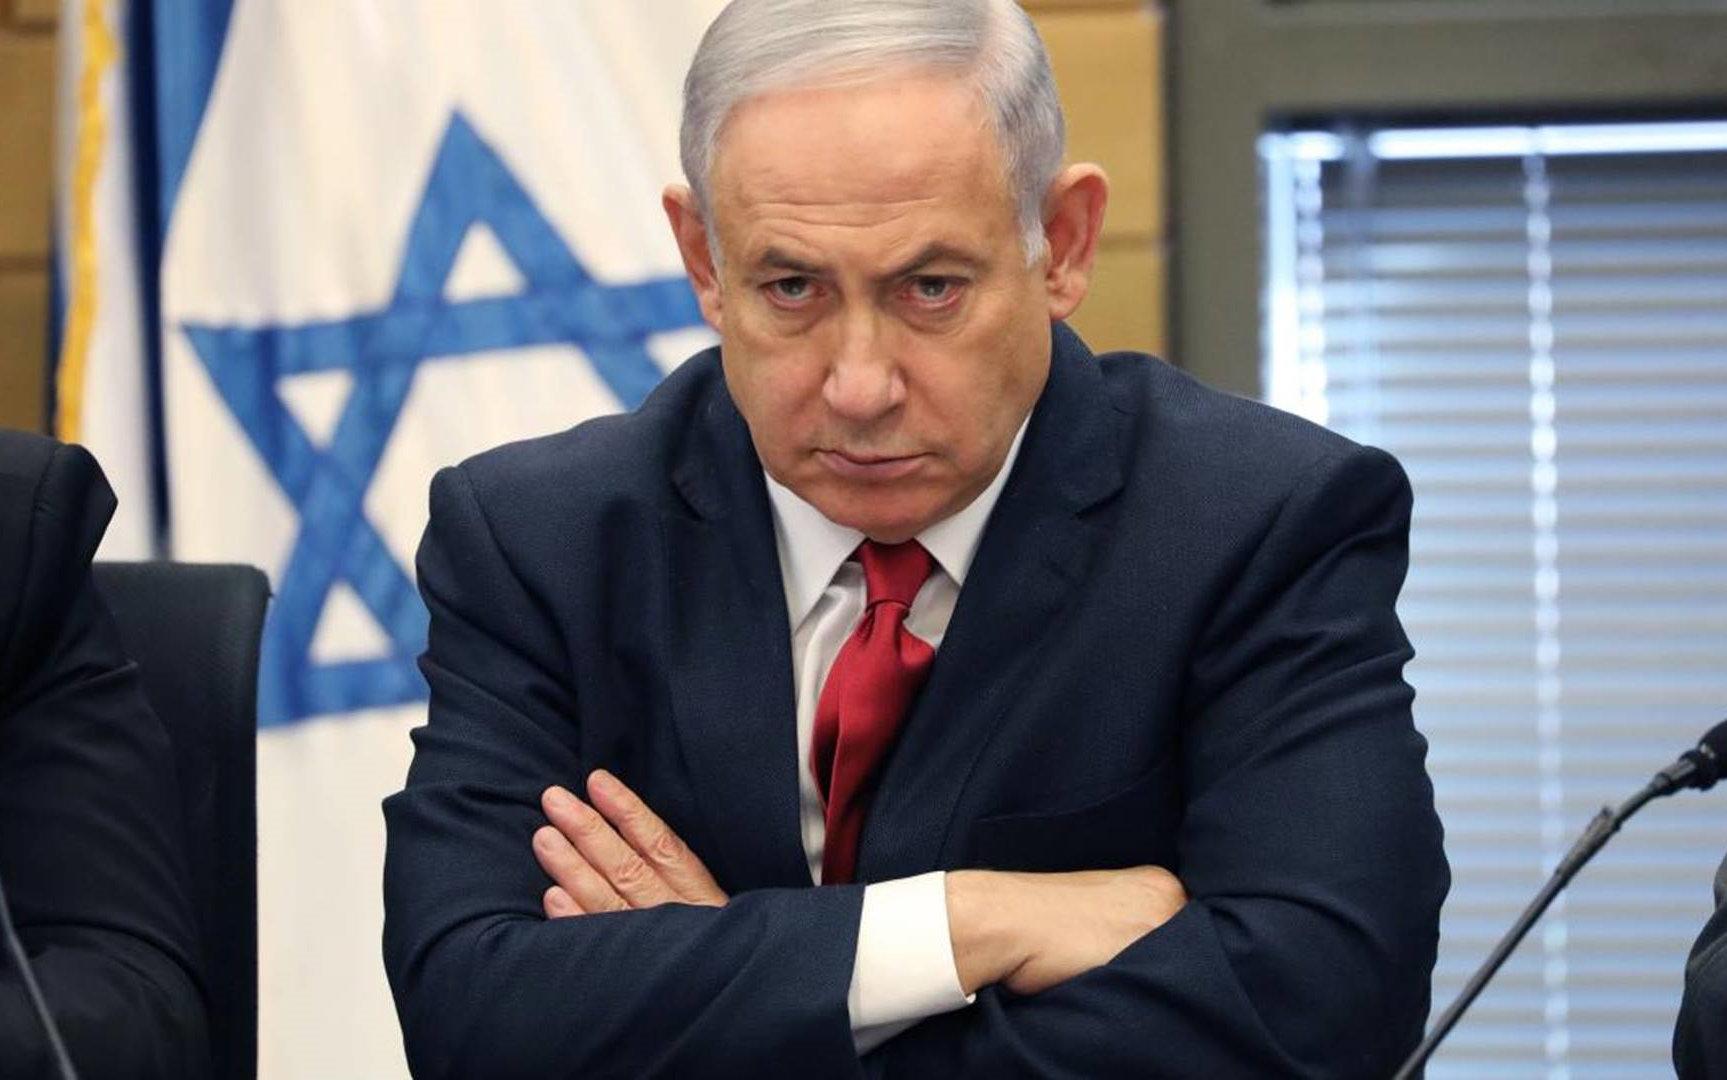 Israele in crisi, dopo la tragedia del monte Meron fallisce il tentativo di governo Netanyahu